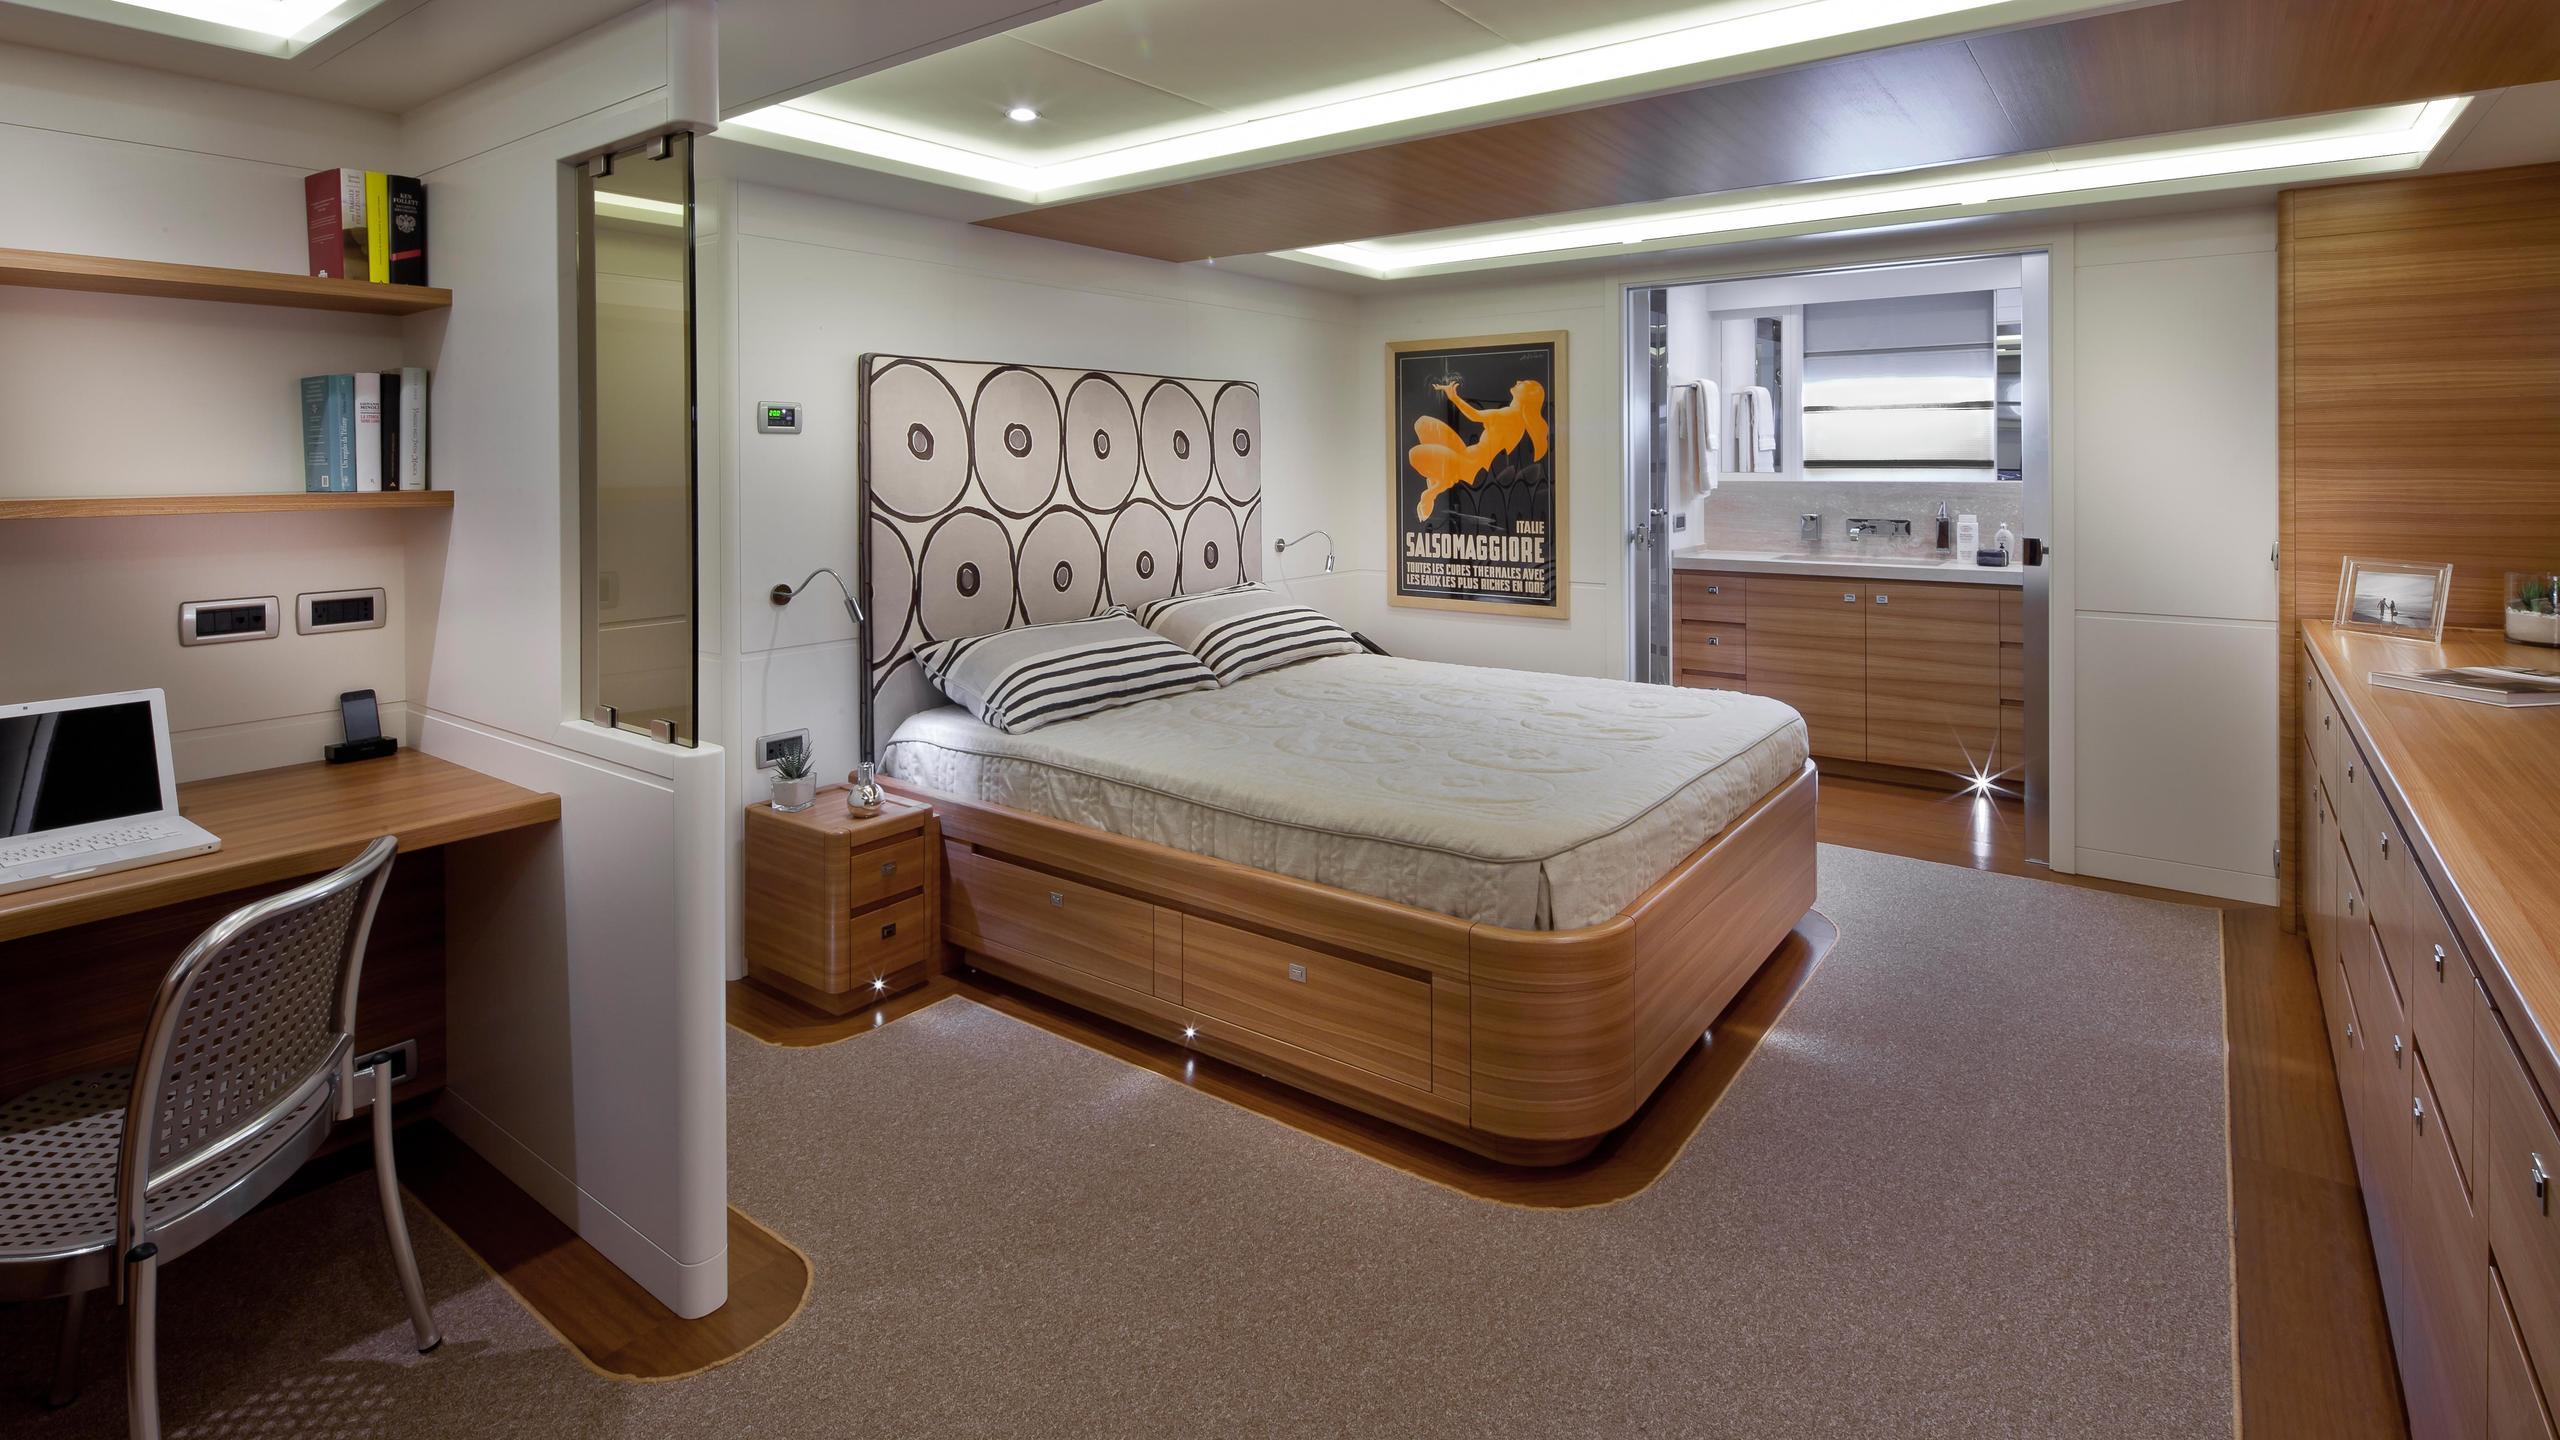 percheron-motor-yacht-cantiere-delle-marche-darwin-86-2012-26m-cabin-with-desk